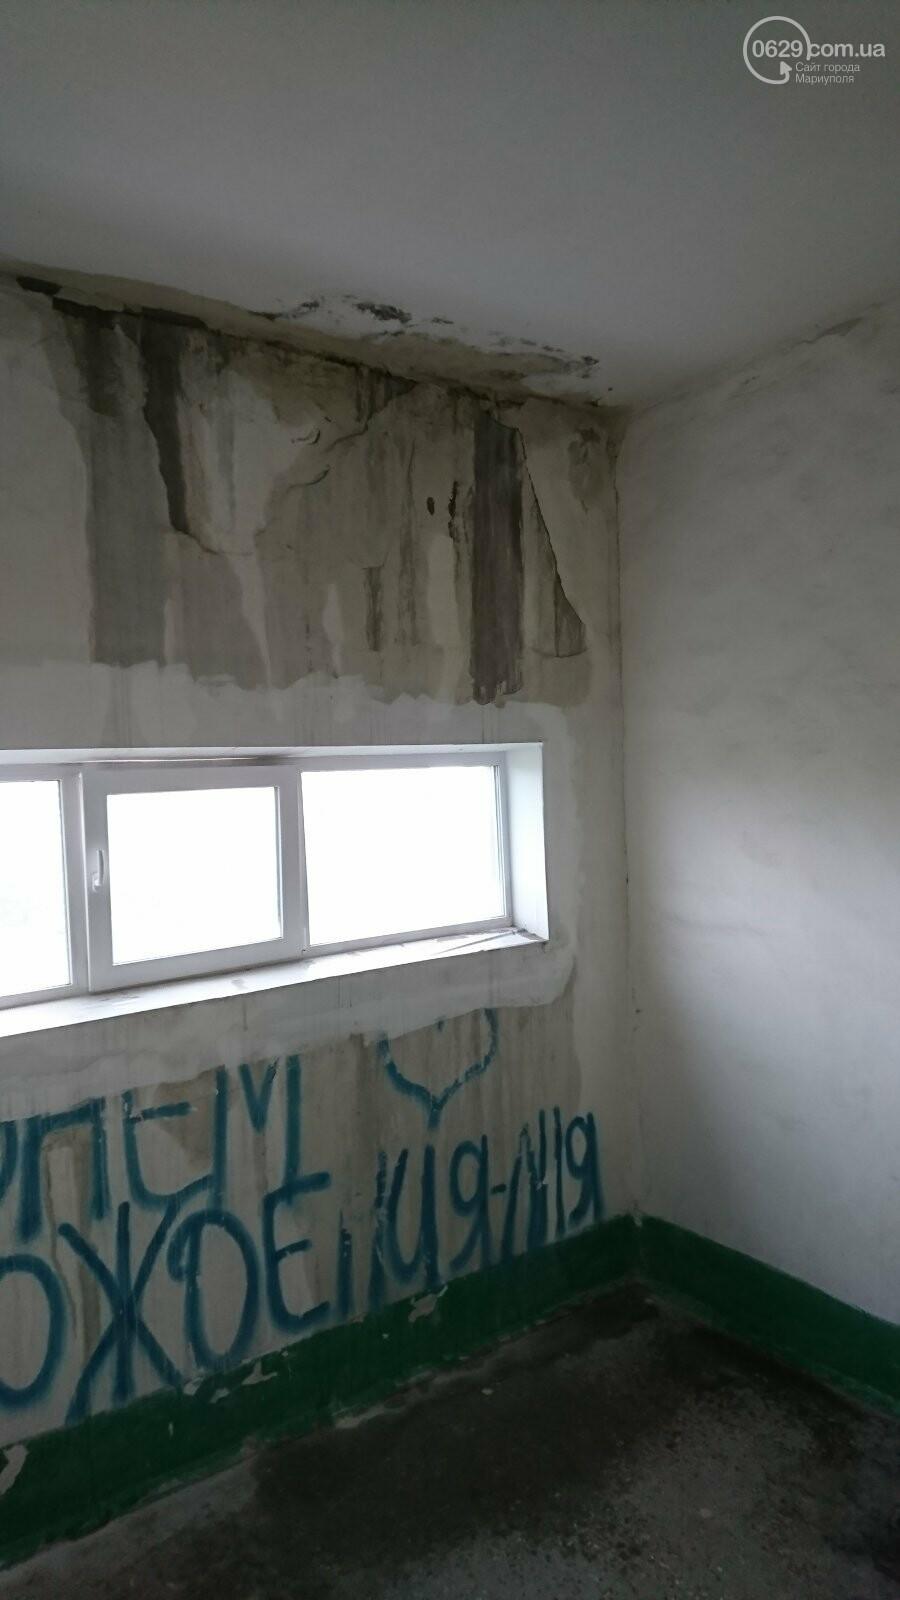 Протікаючий дах в одній з 9-поверхівок Маріуполя став каменем спотикання мешканців, - ФОТО, фото-7